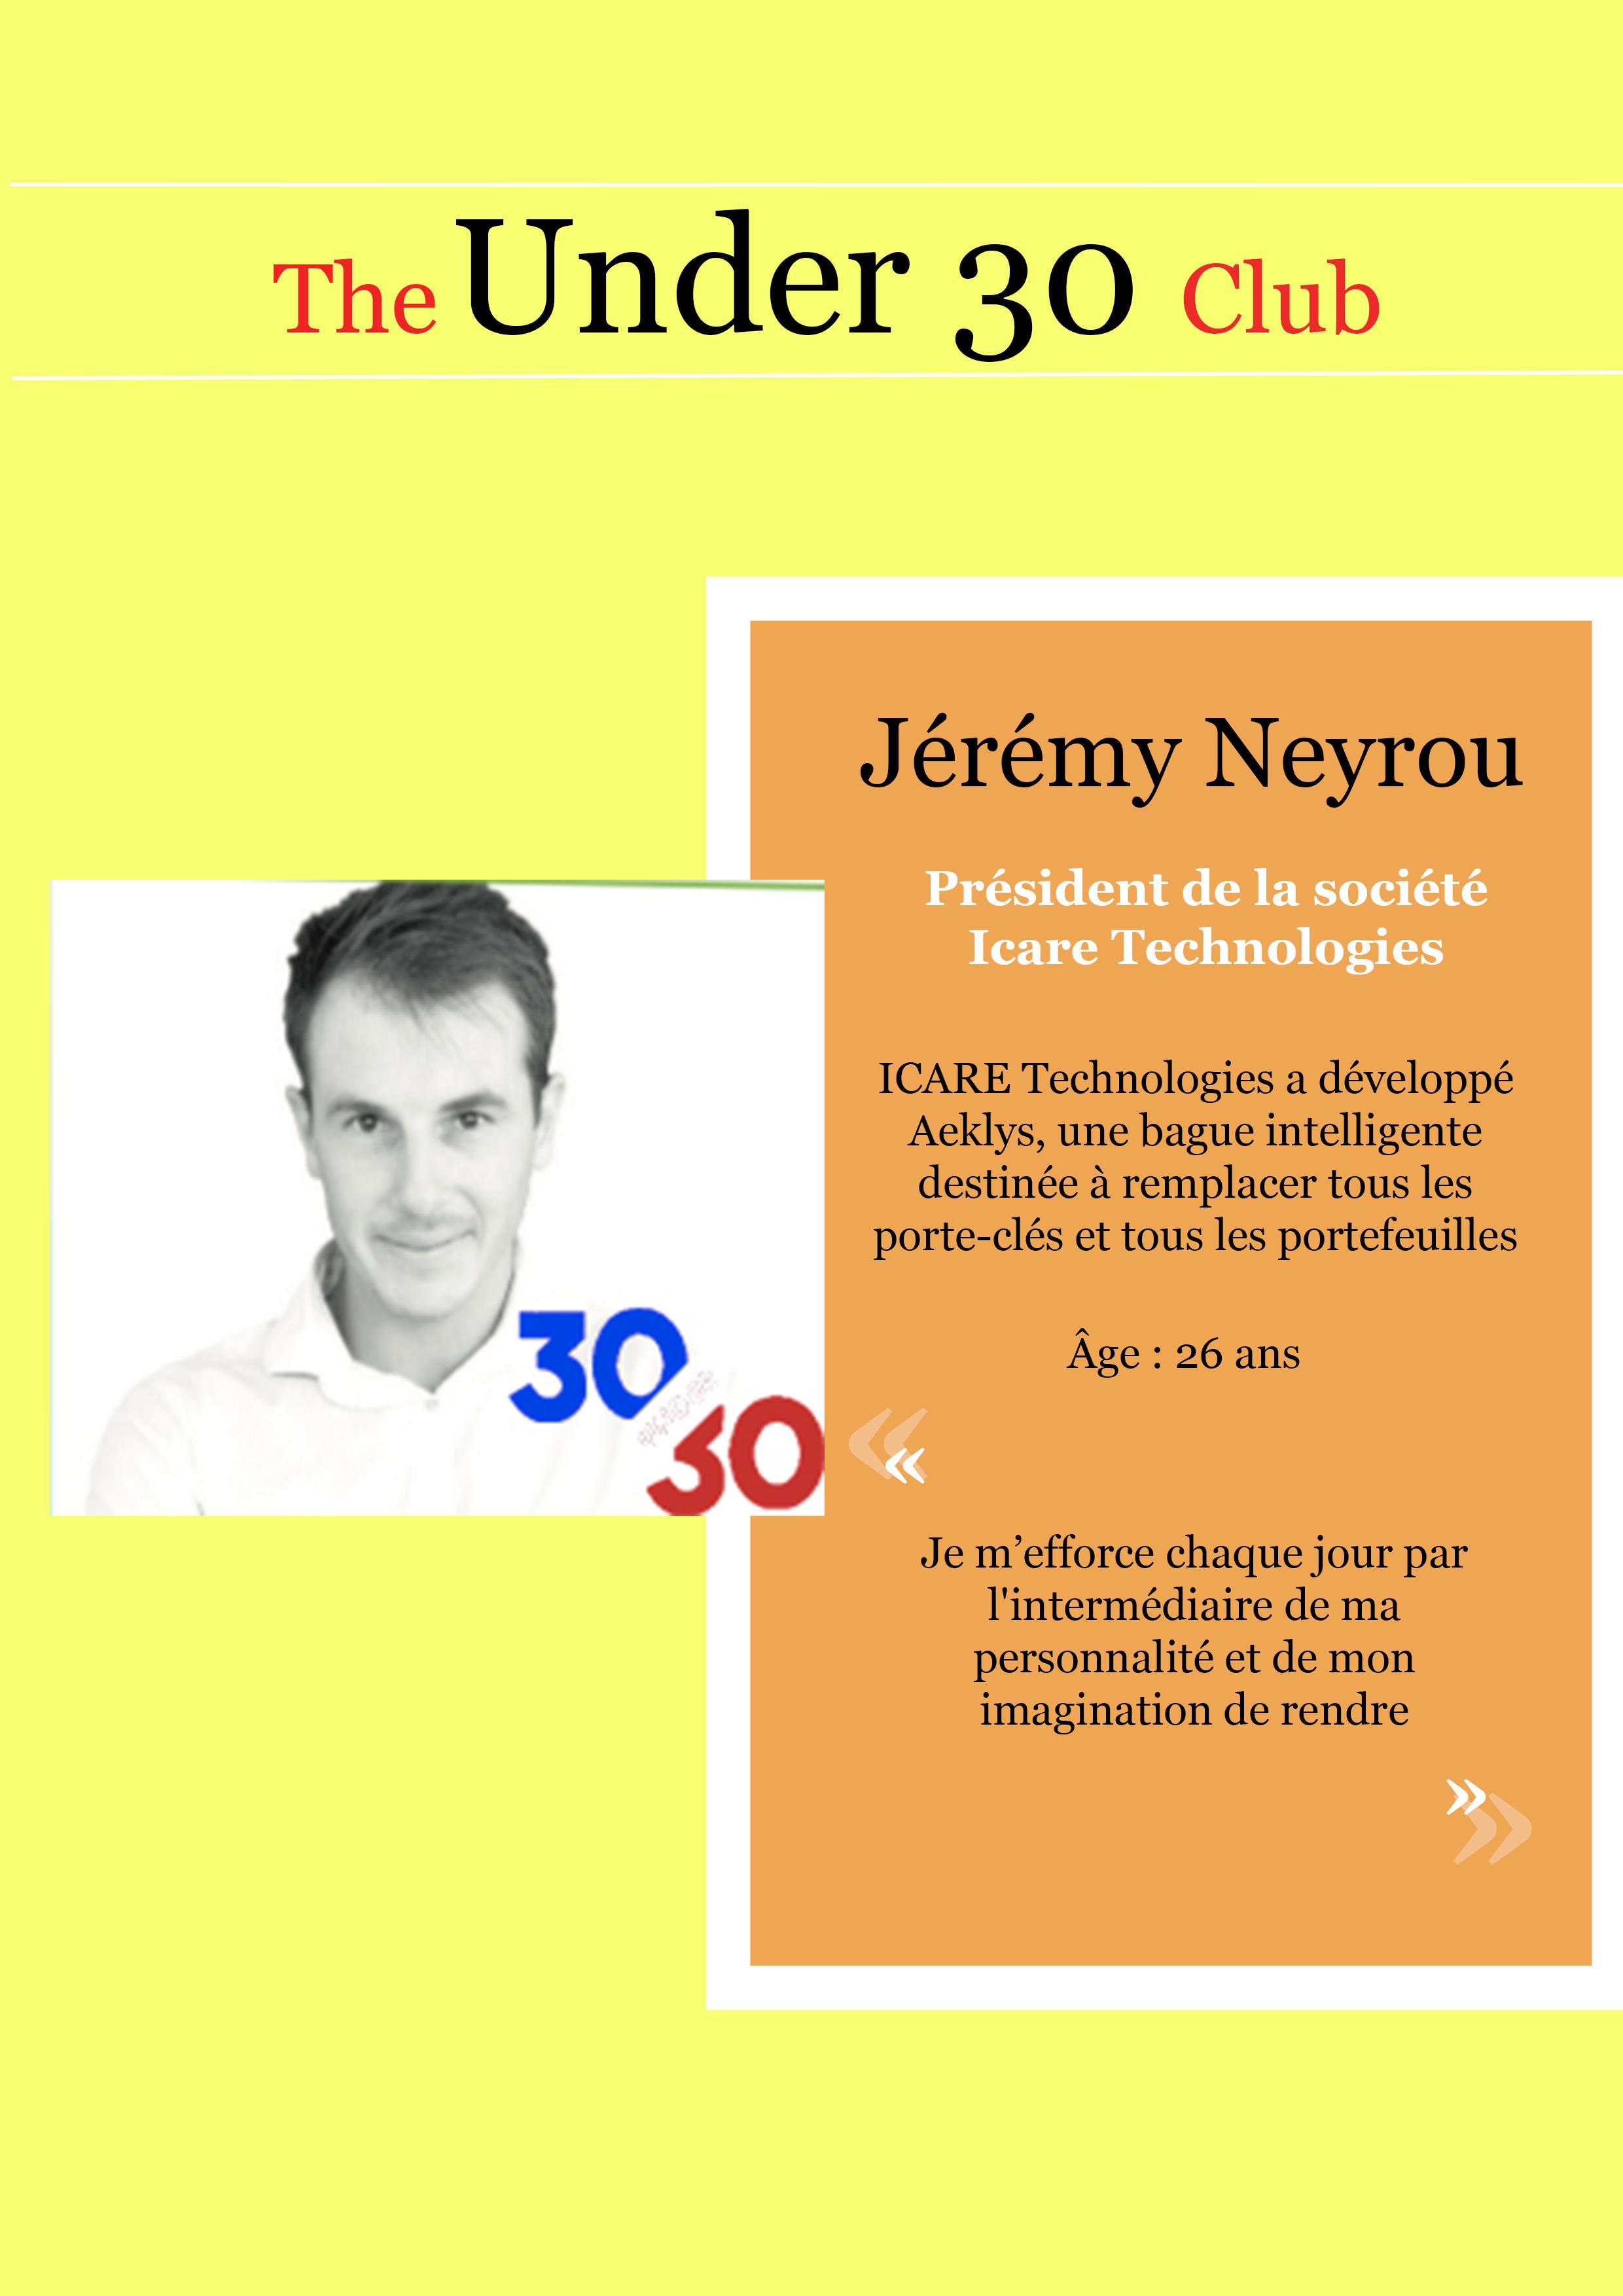 Jeremy Neyrou